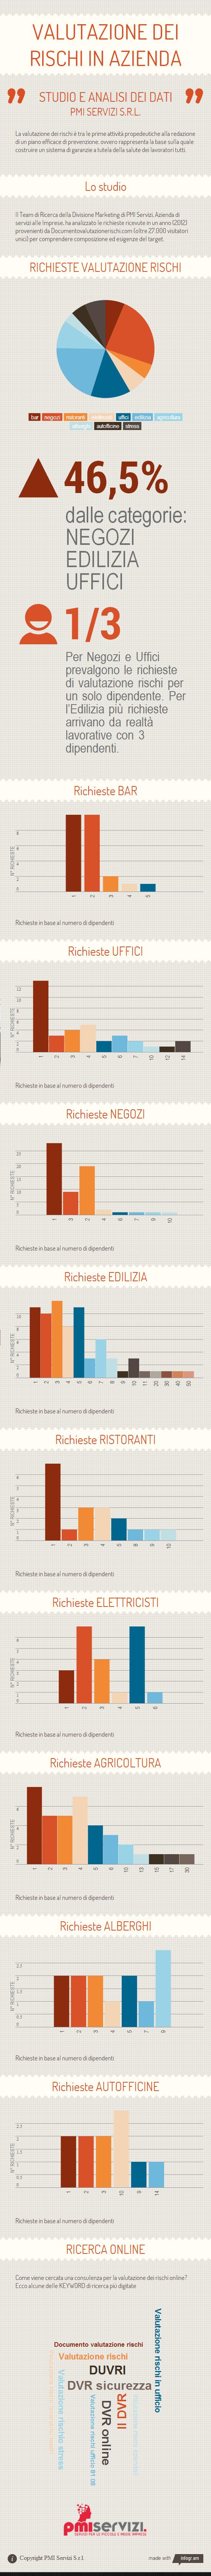 Infografica richieste valutazione rischi